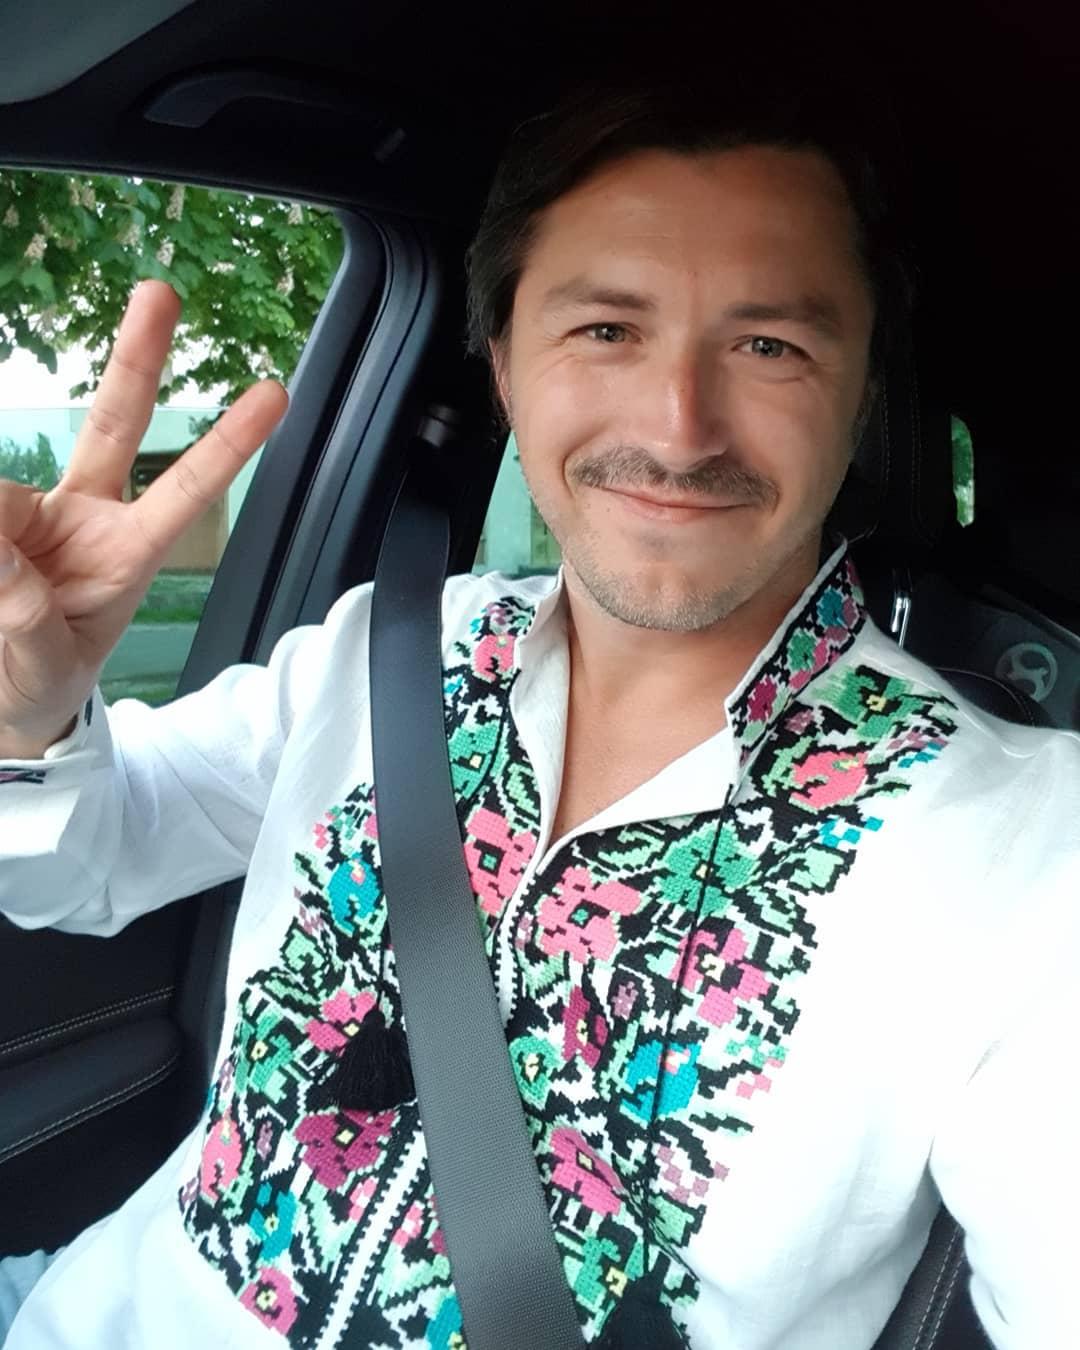 Сергею Притуле - 39: ТОП-5 цитат телеведущего о работе, семье и украинцах